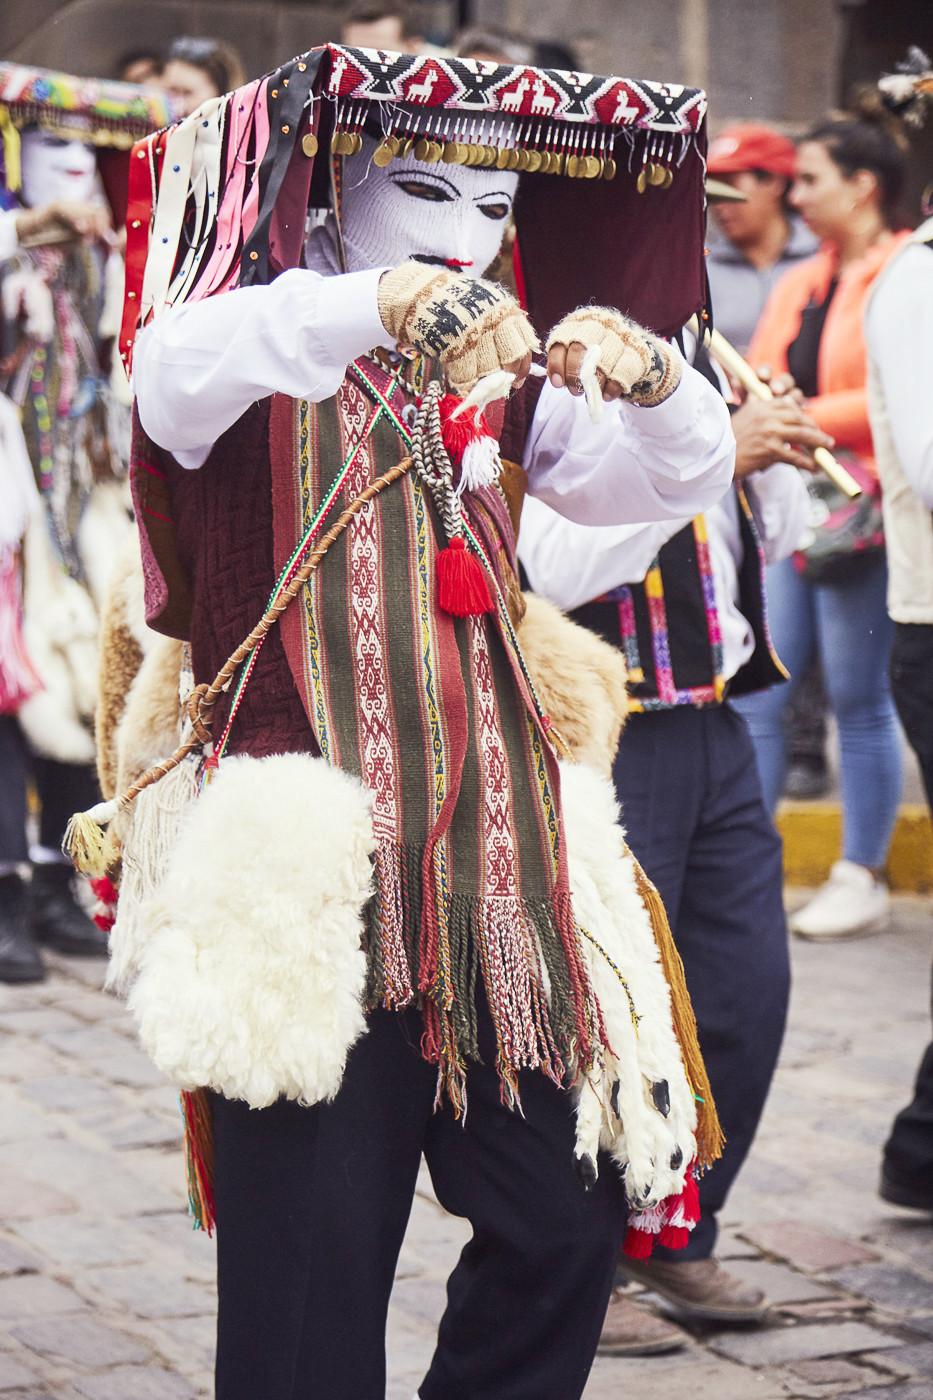 weiße Masken, die an Ringermasken erinnern, Guanacofell und ein sehr spezieller Tanz zu Ehren des Señor de Huanca in Cusco Peru